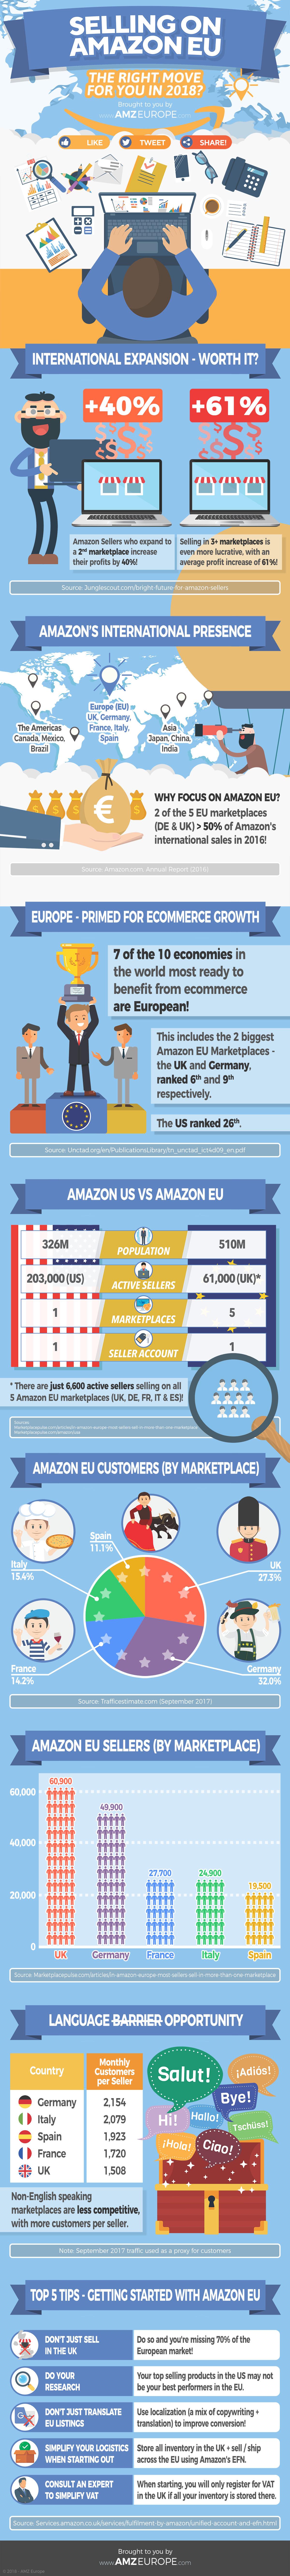 Selling on Amazon EU.jpg